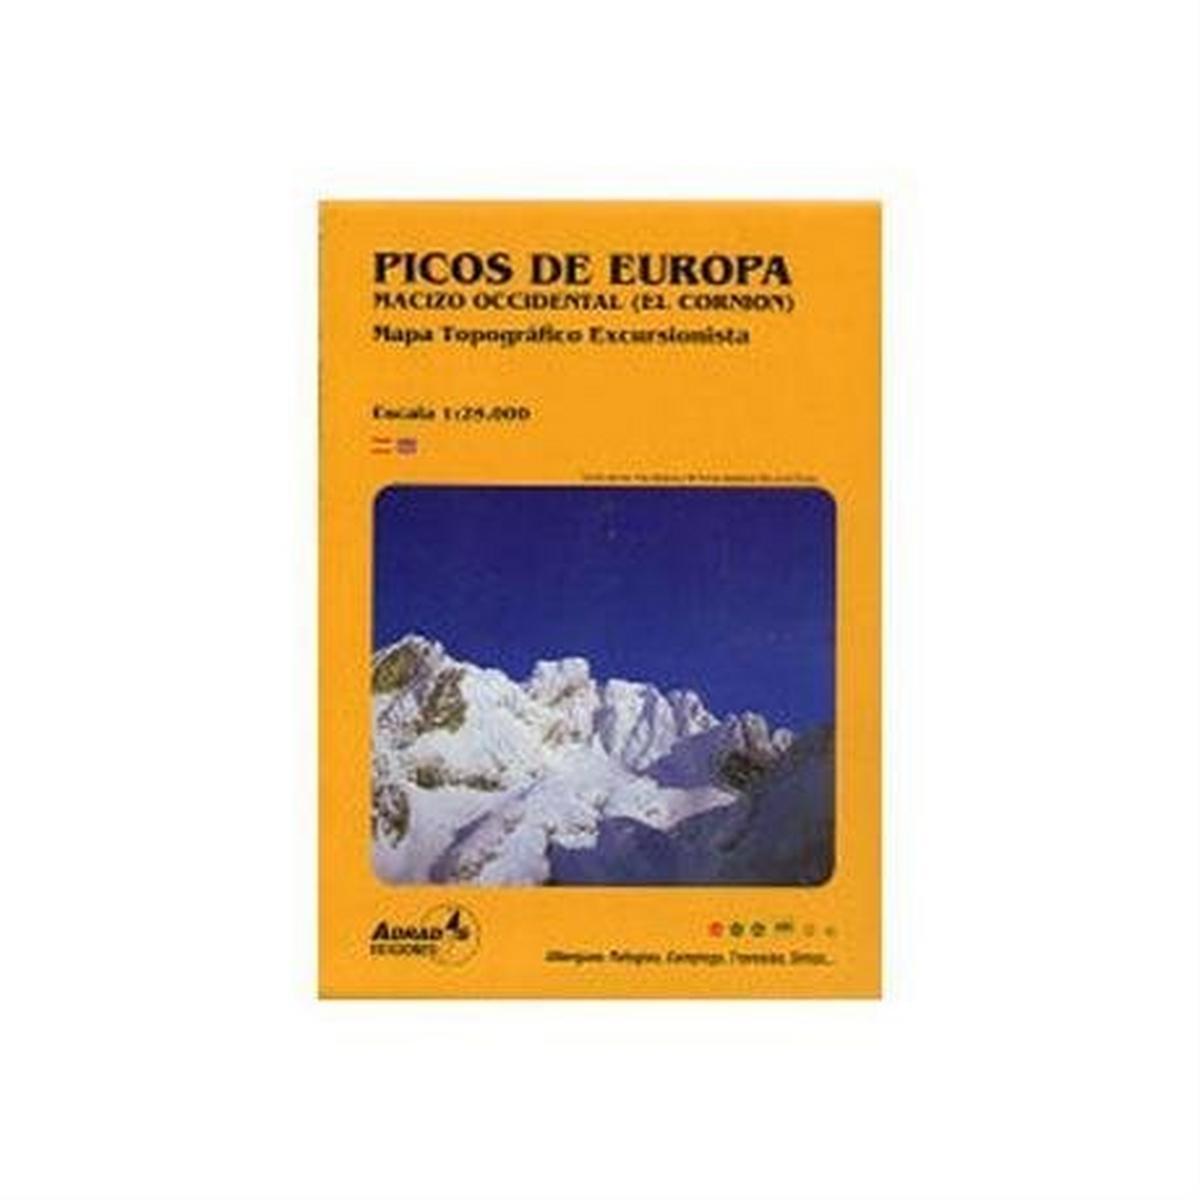 Miscellaneous Spain Map: Picos de Europa - Macizo Occidental (El Cornion)